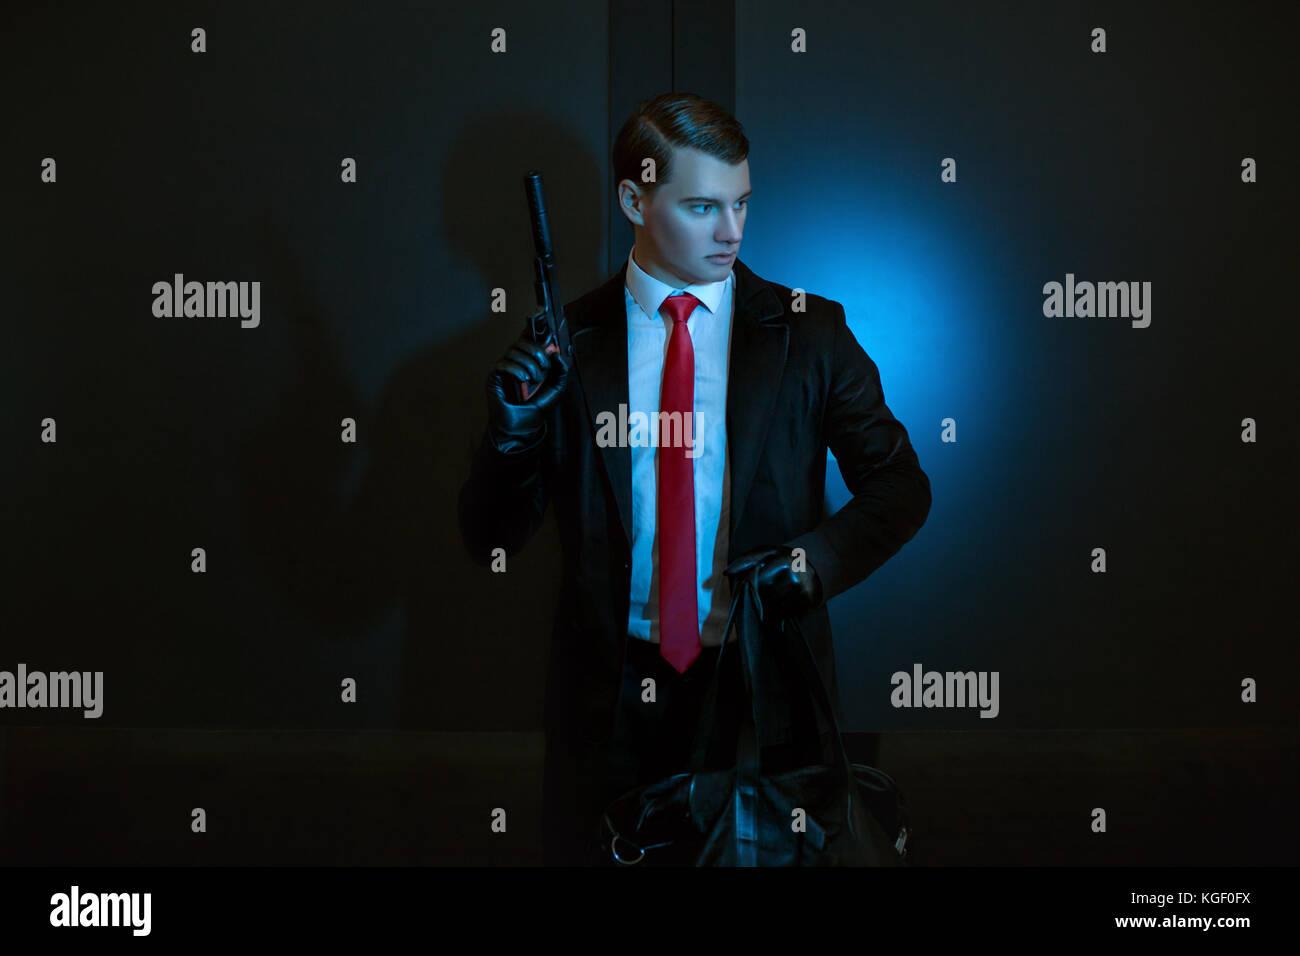 Der Mensch ist ein Mörder mit einer Pistole in der Hand in der Nacht. Stockbild